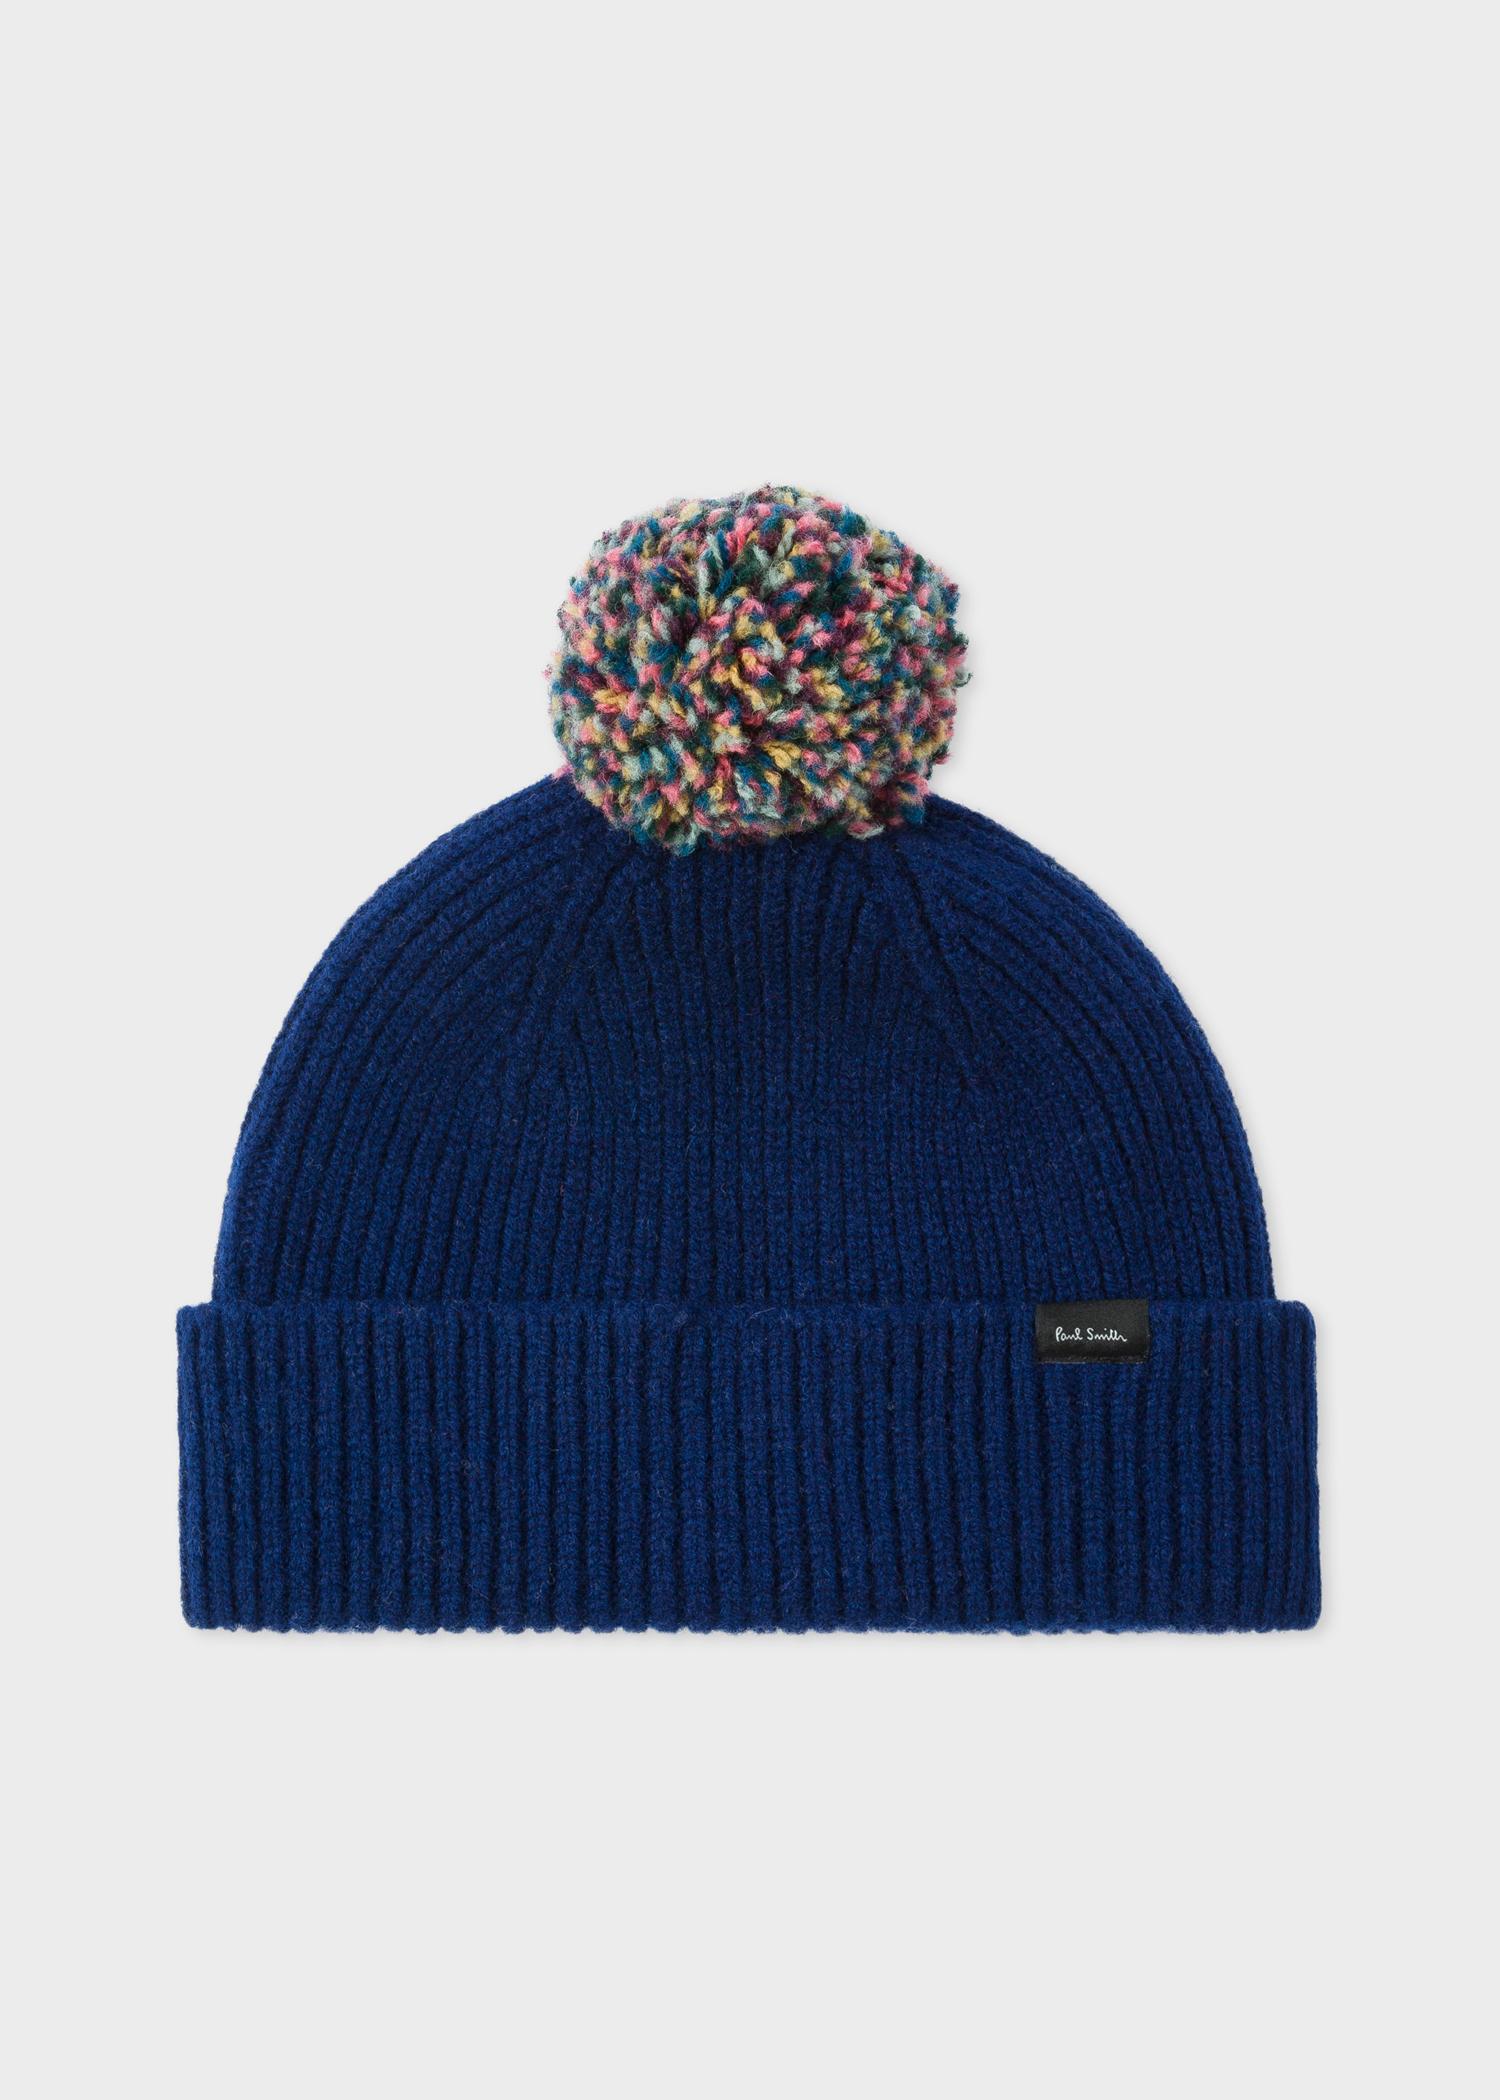 5739267e99c Paul Smith - Blue Navy Pom-Pom Wool Beanie Hat for Men - Lyst. View  fullscreen